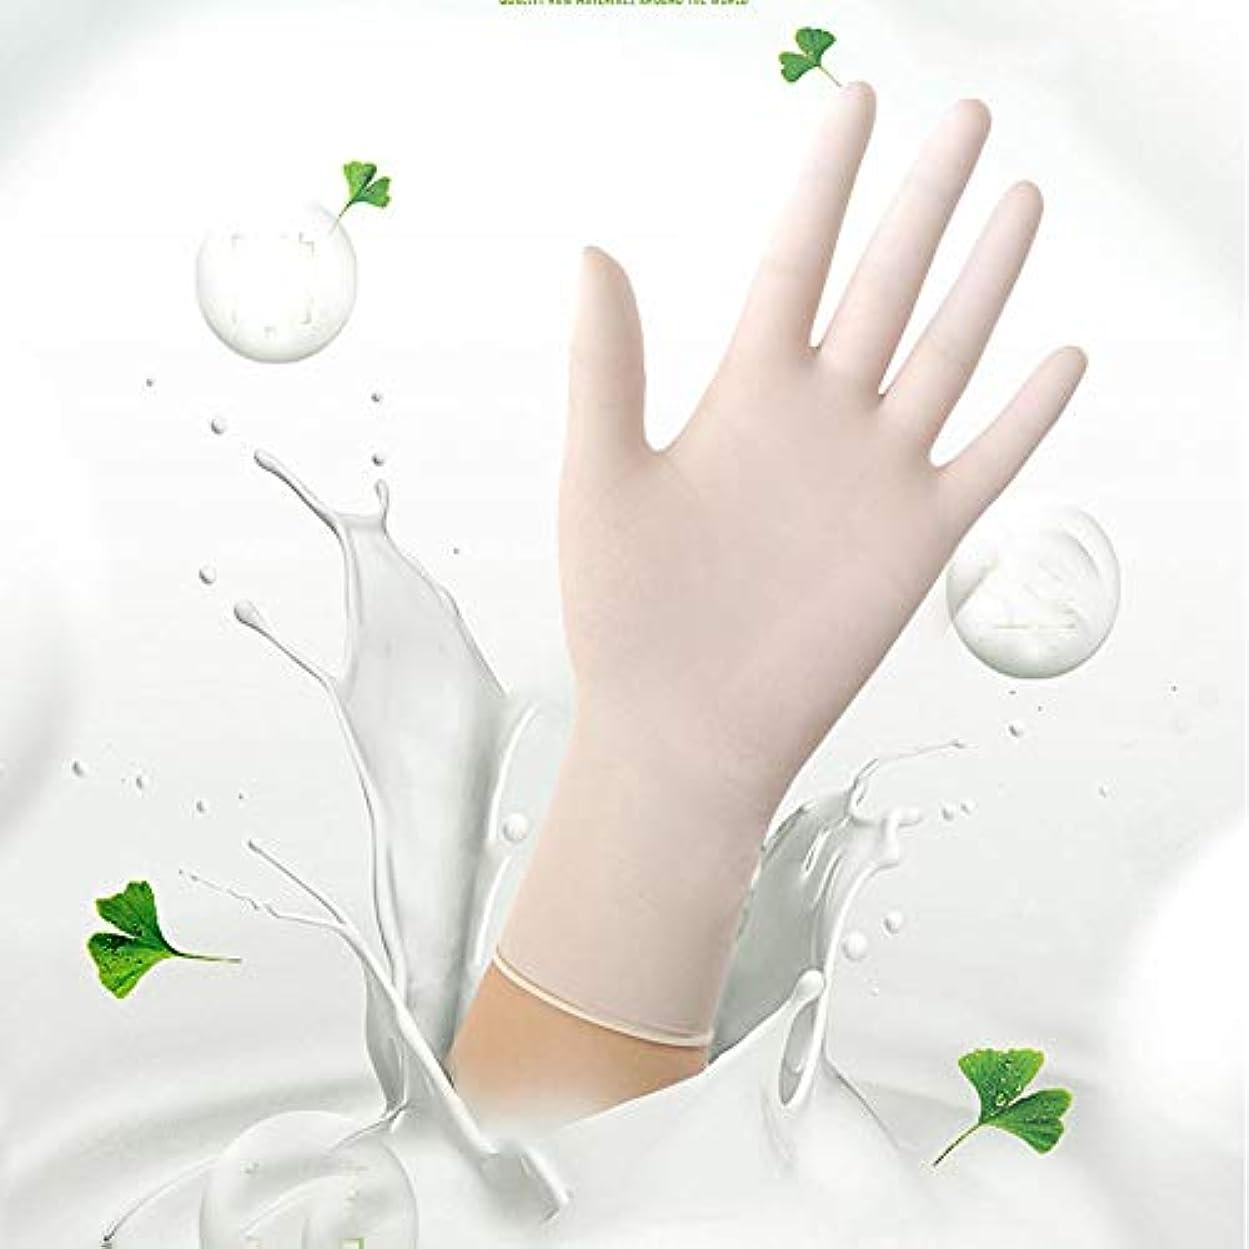 引っ張る高尚なブランクニトリル検査用手袋 - 医療用グレード、パウダーフリー、ラテックスラバーフリー、使い捨て、非滅菌、食品安全、インディゴ色、100カウント、サイズS-L (Color : White, Size : S)